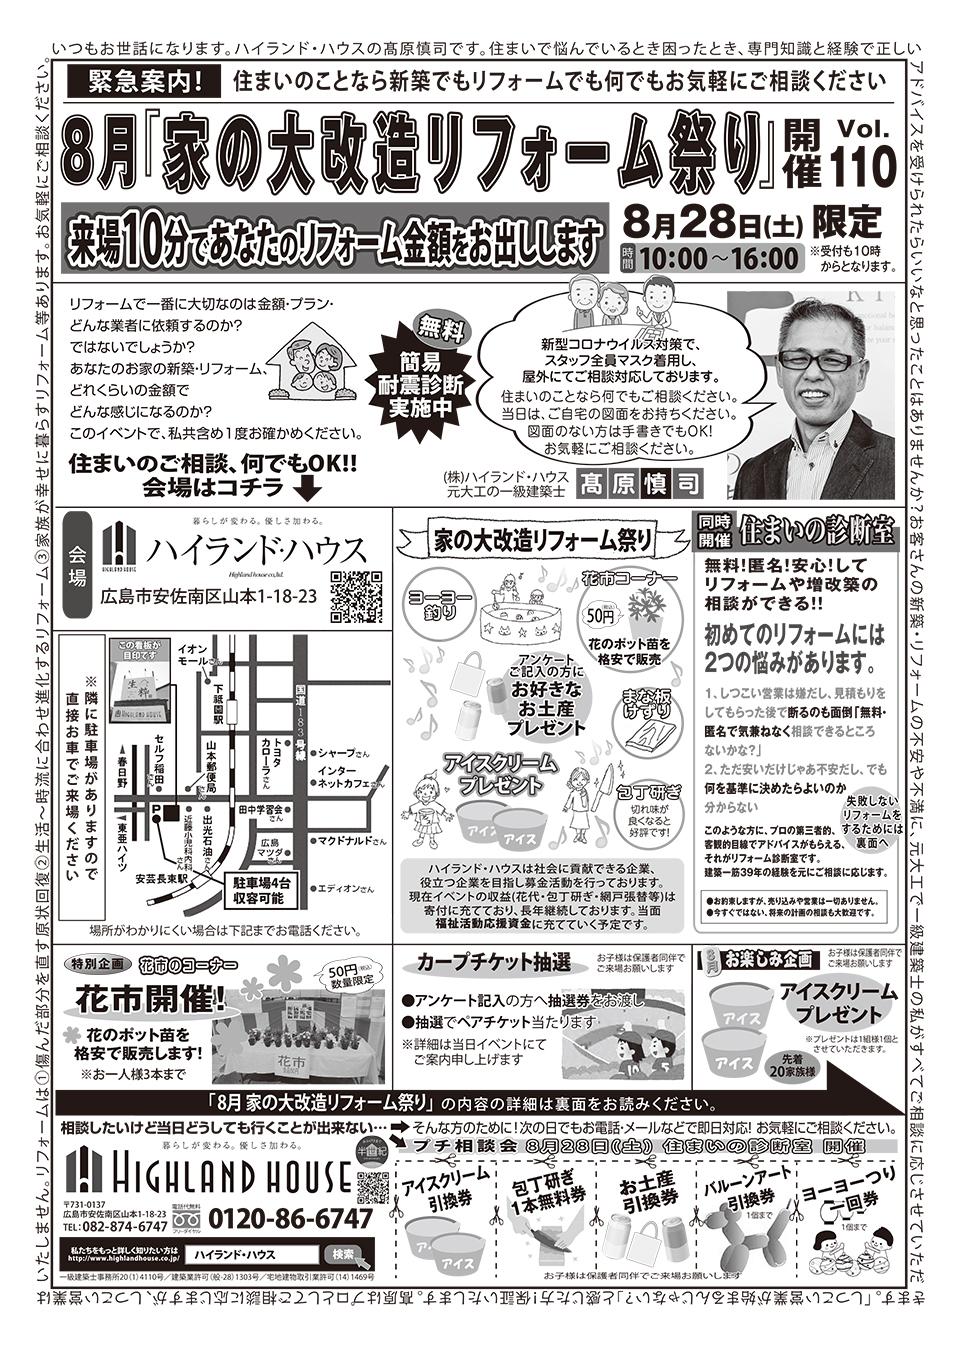 8月イベント「家の大改造リフォーム祭り」開催